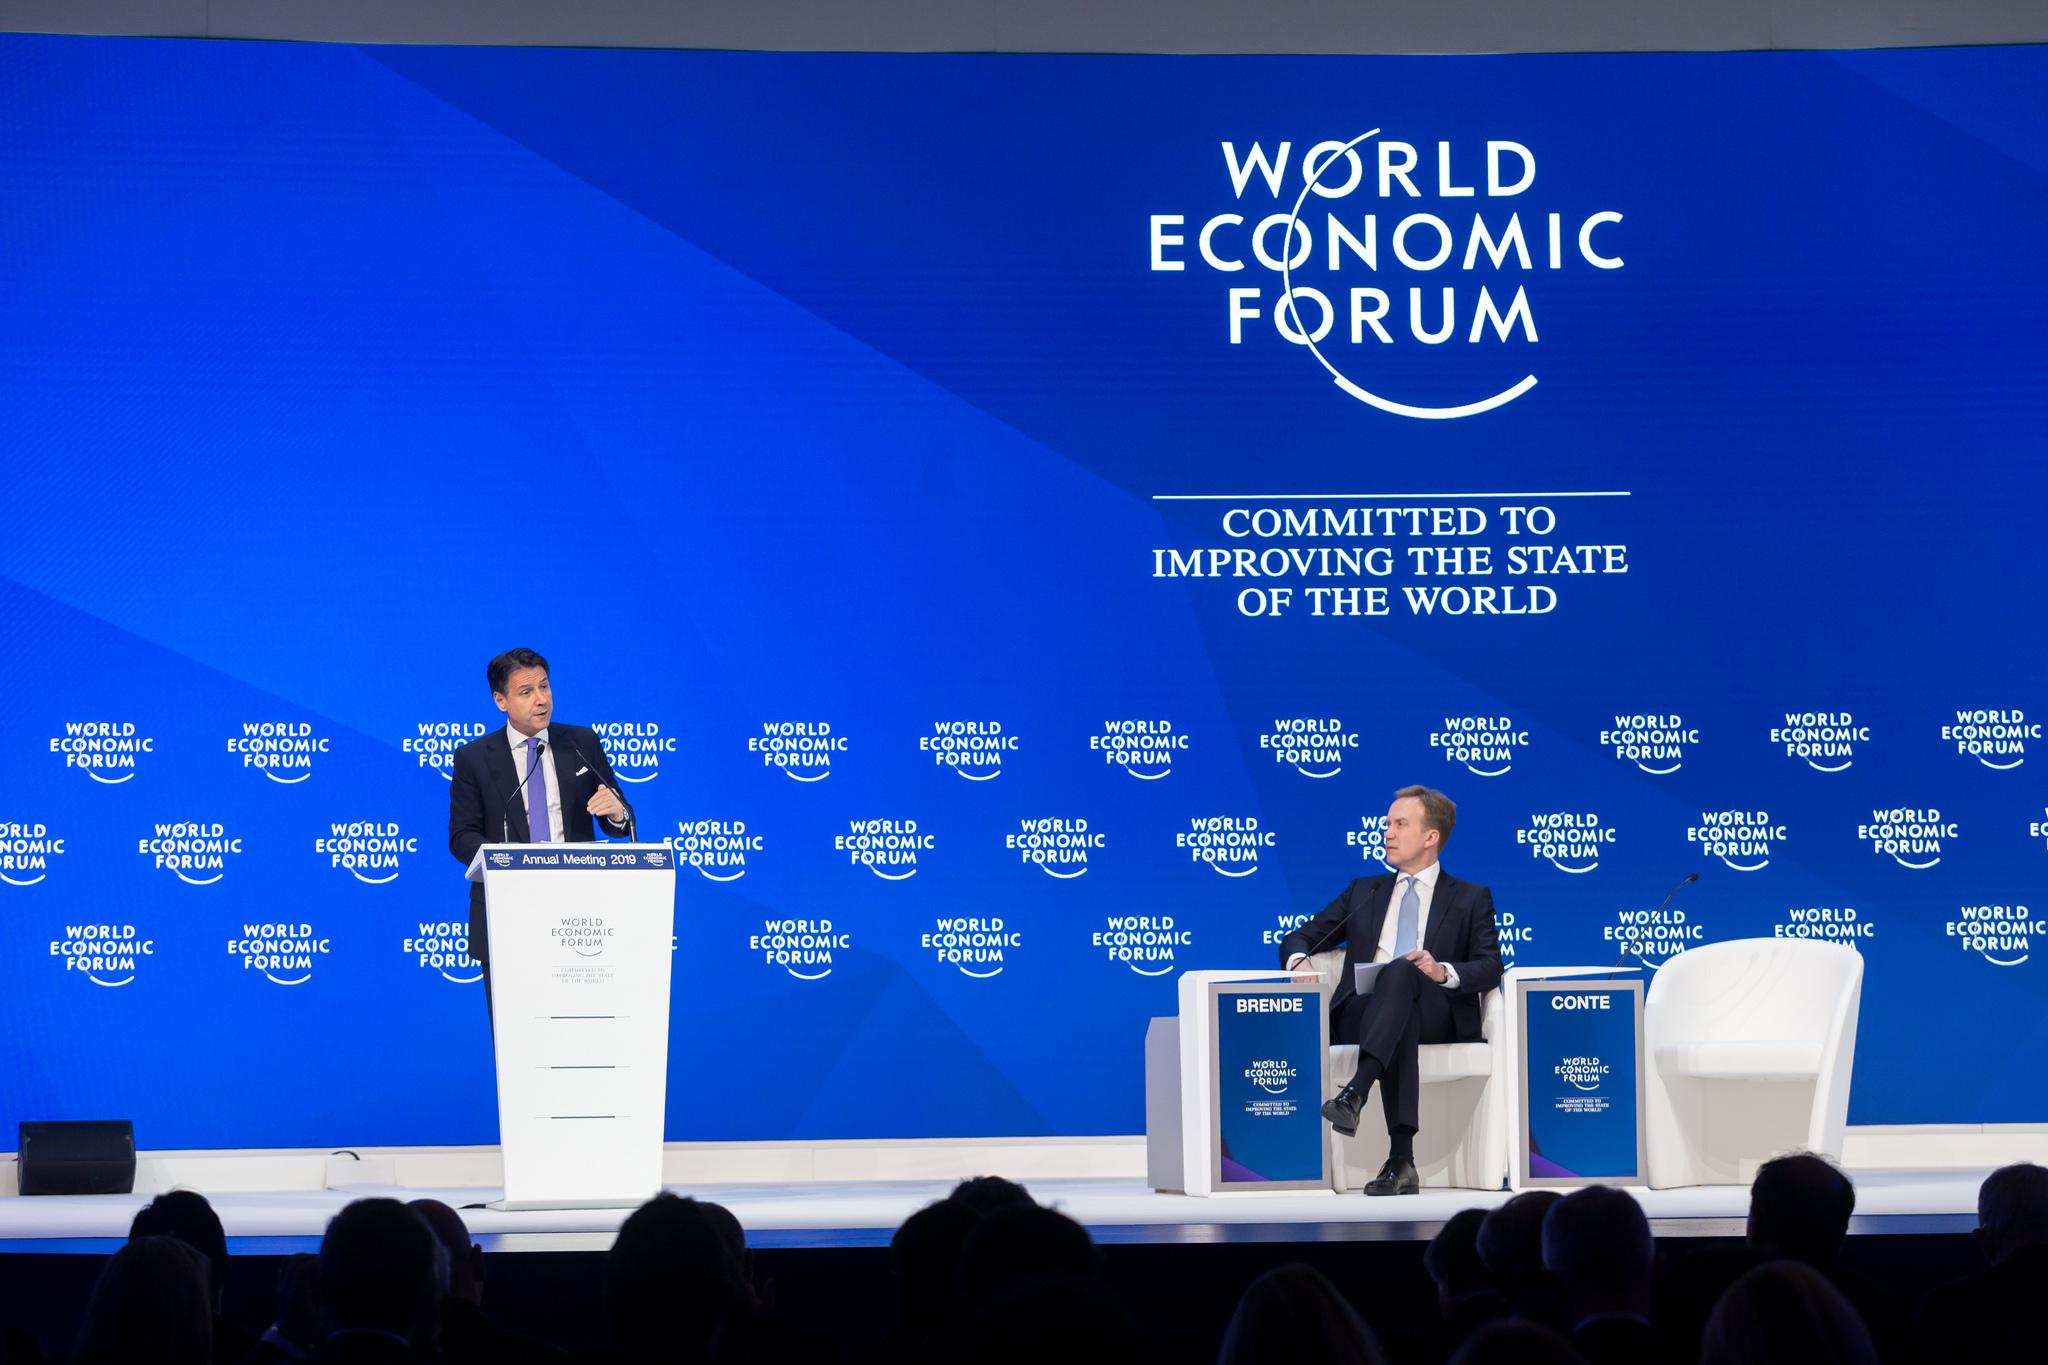 """""""World Economic Forum - Commited to improving the state of the World"""" står i bakgrunnen mens Børge Brende sitter og Giuseppe Conte snakker."""